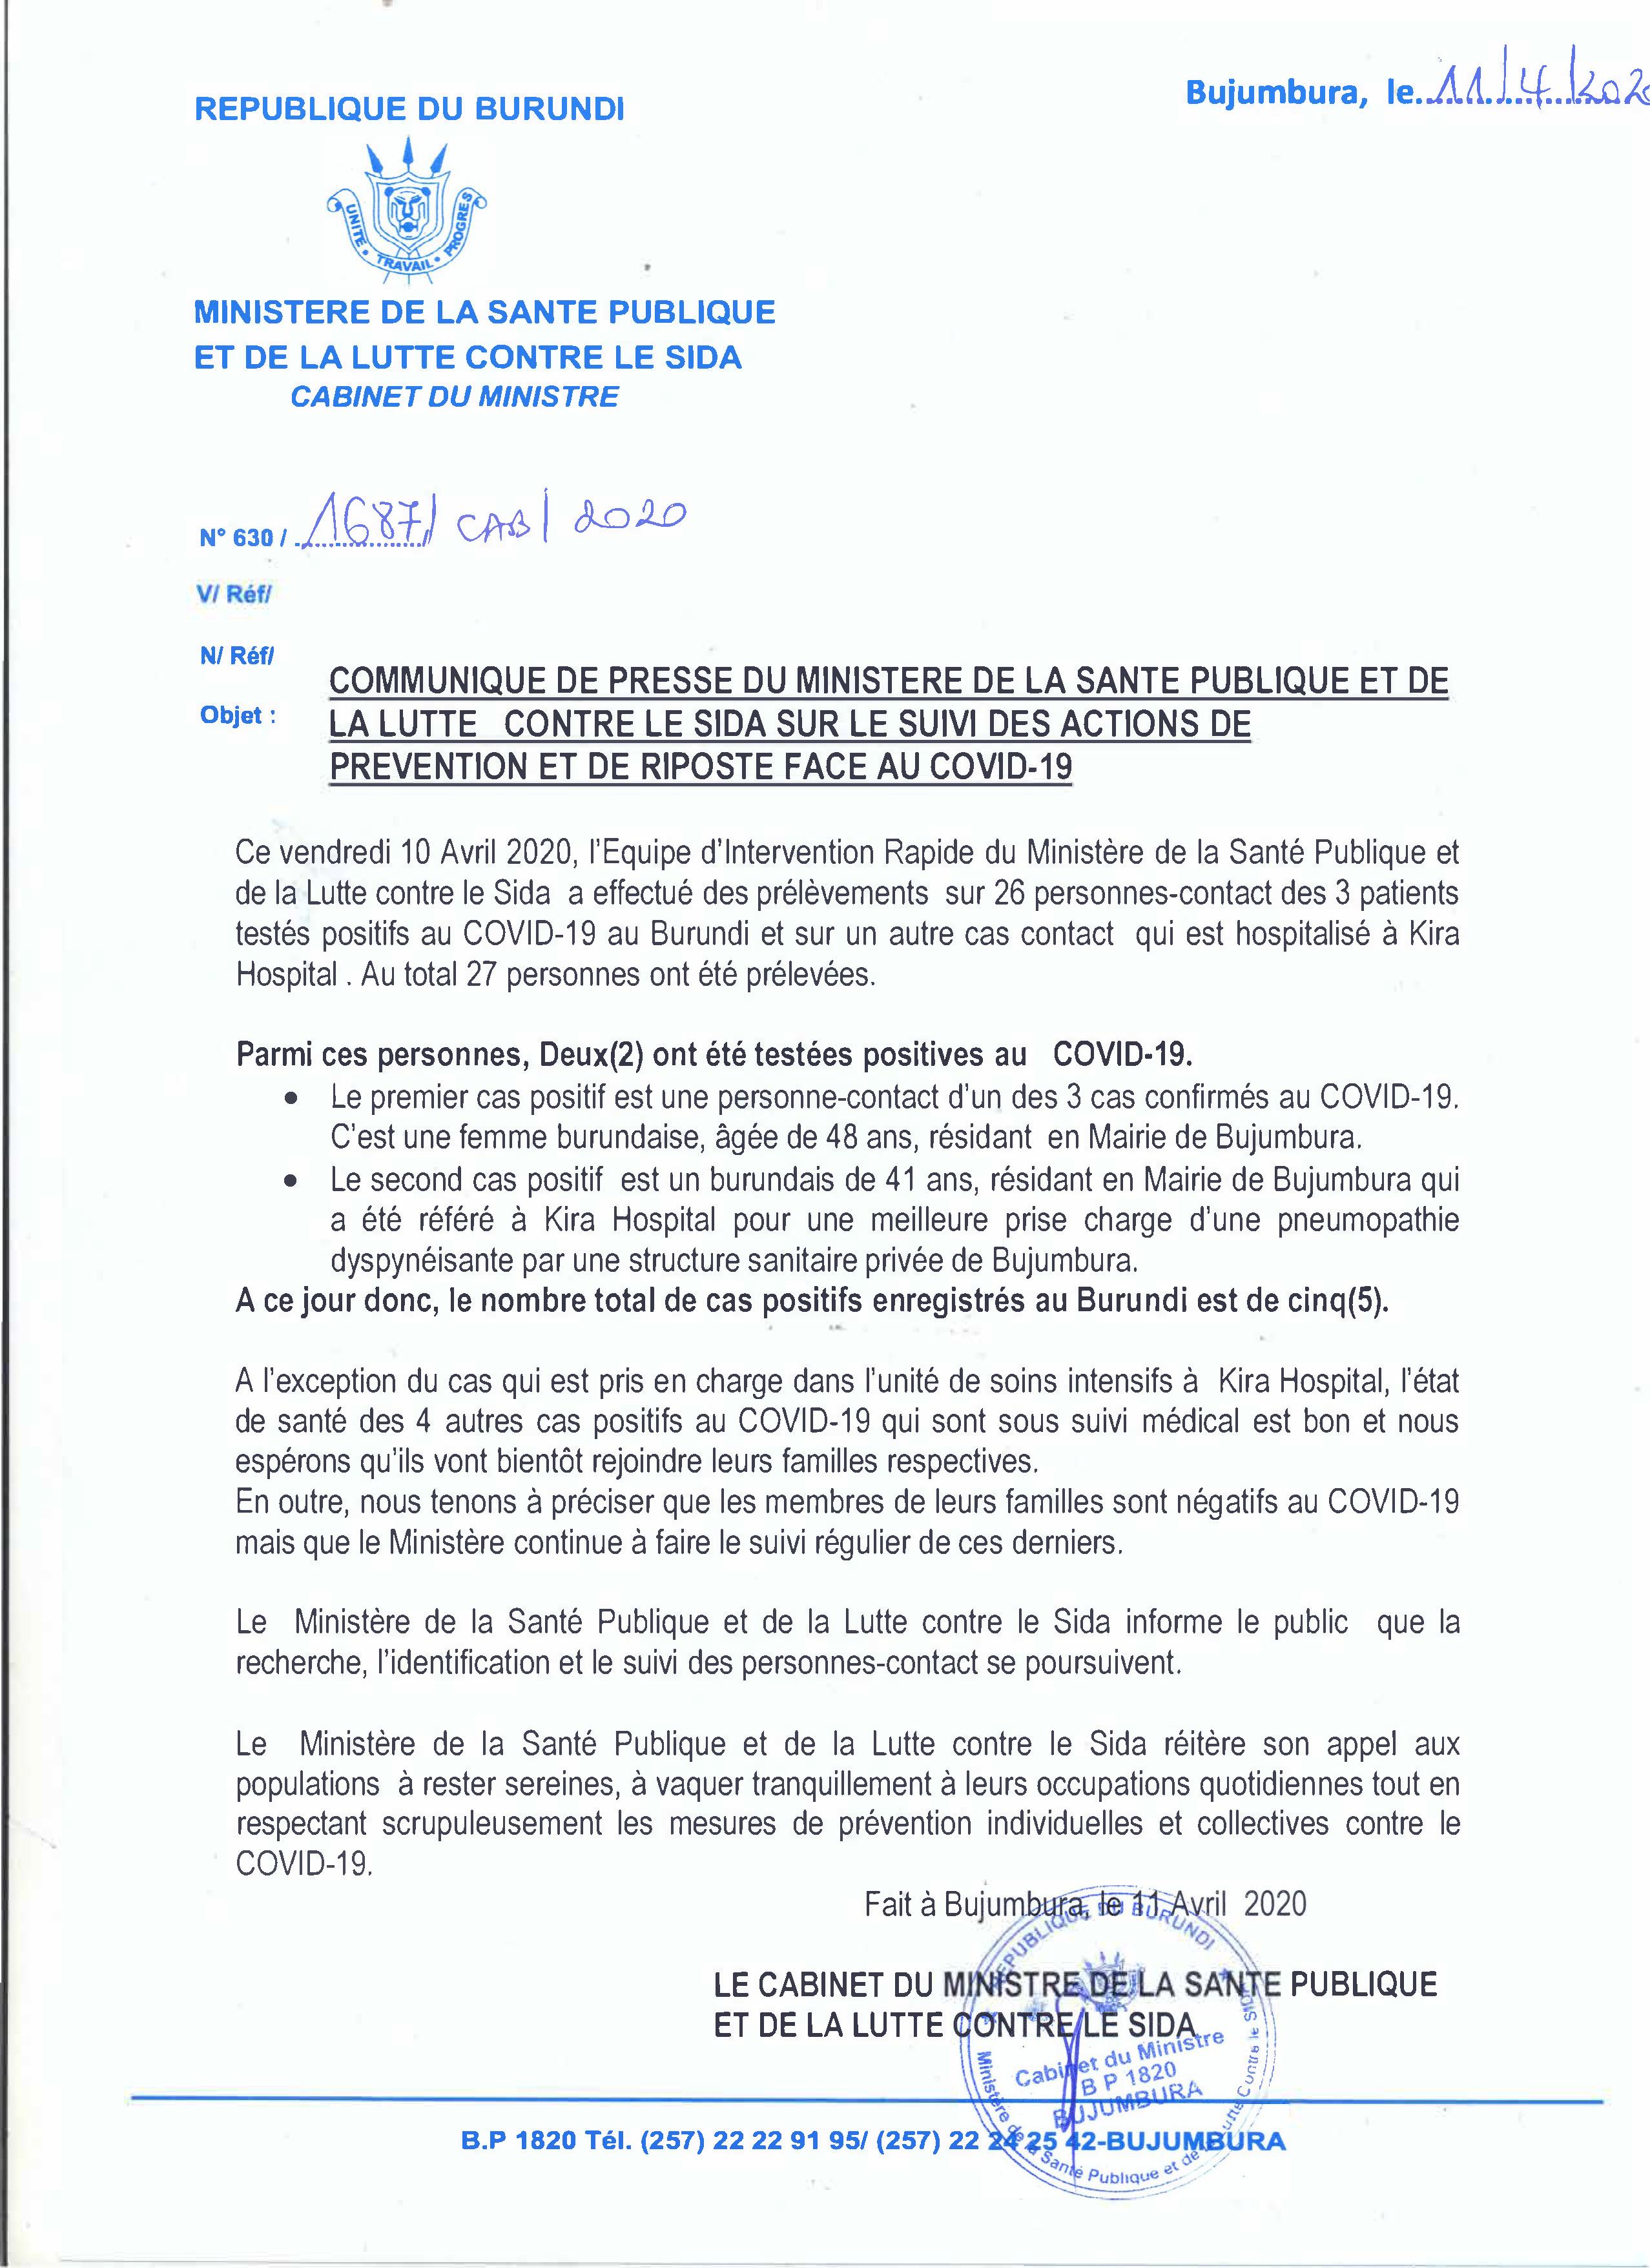 Communique de Presse du Ministère de la Sante Publique et de la Lutte Contre le SIDA sur le Suivi des actions de Prévention et de Riposte Face au COVID-19